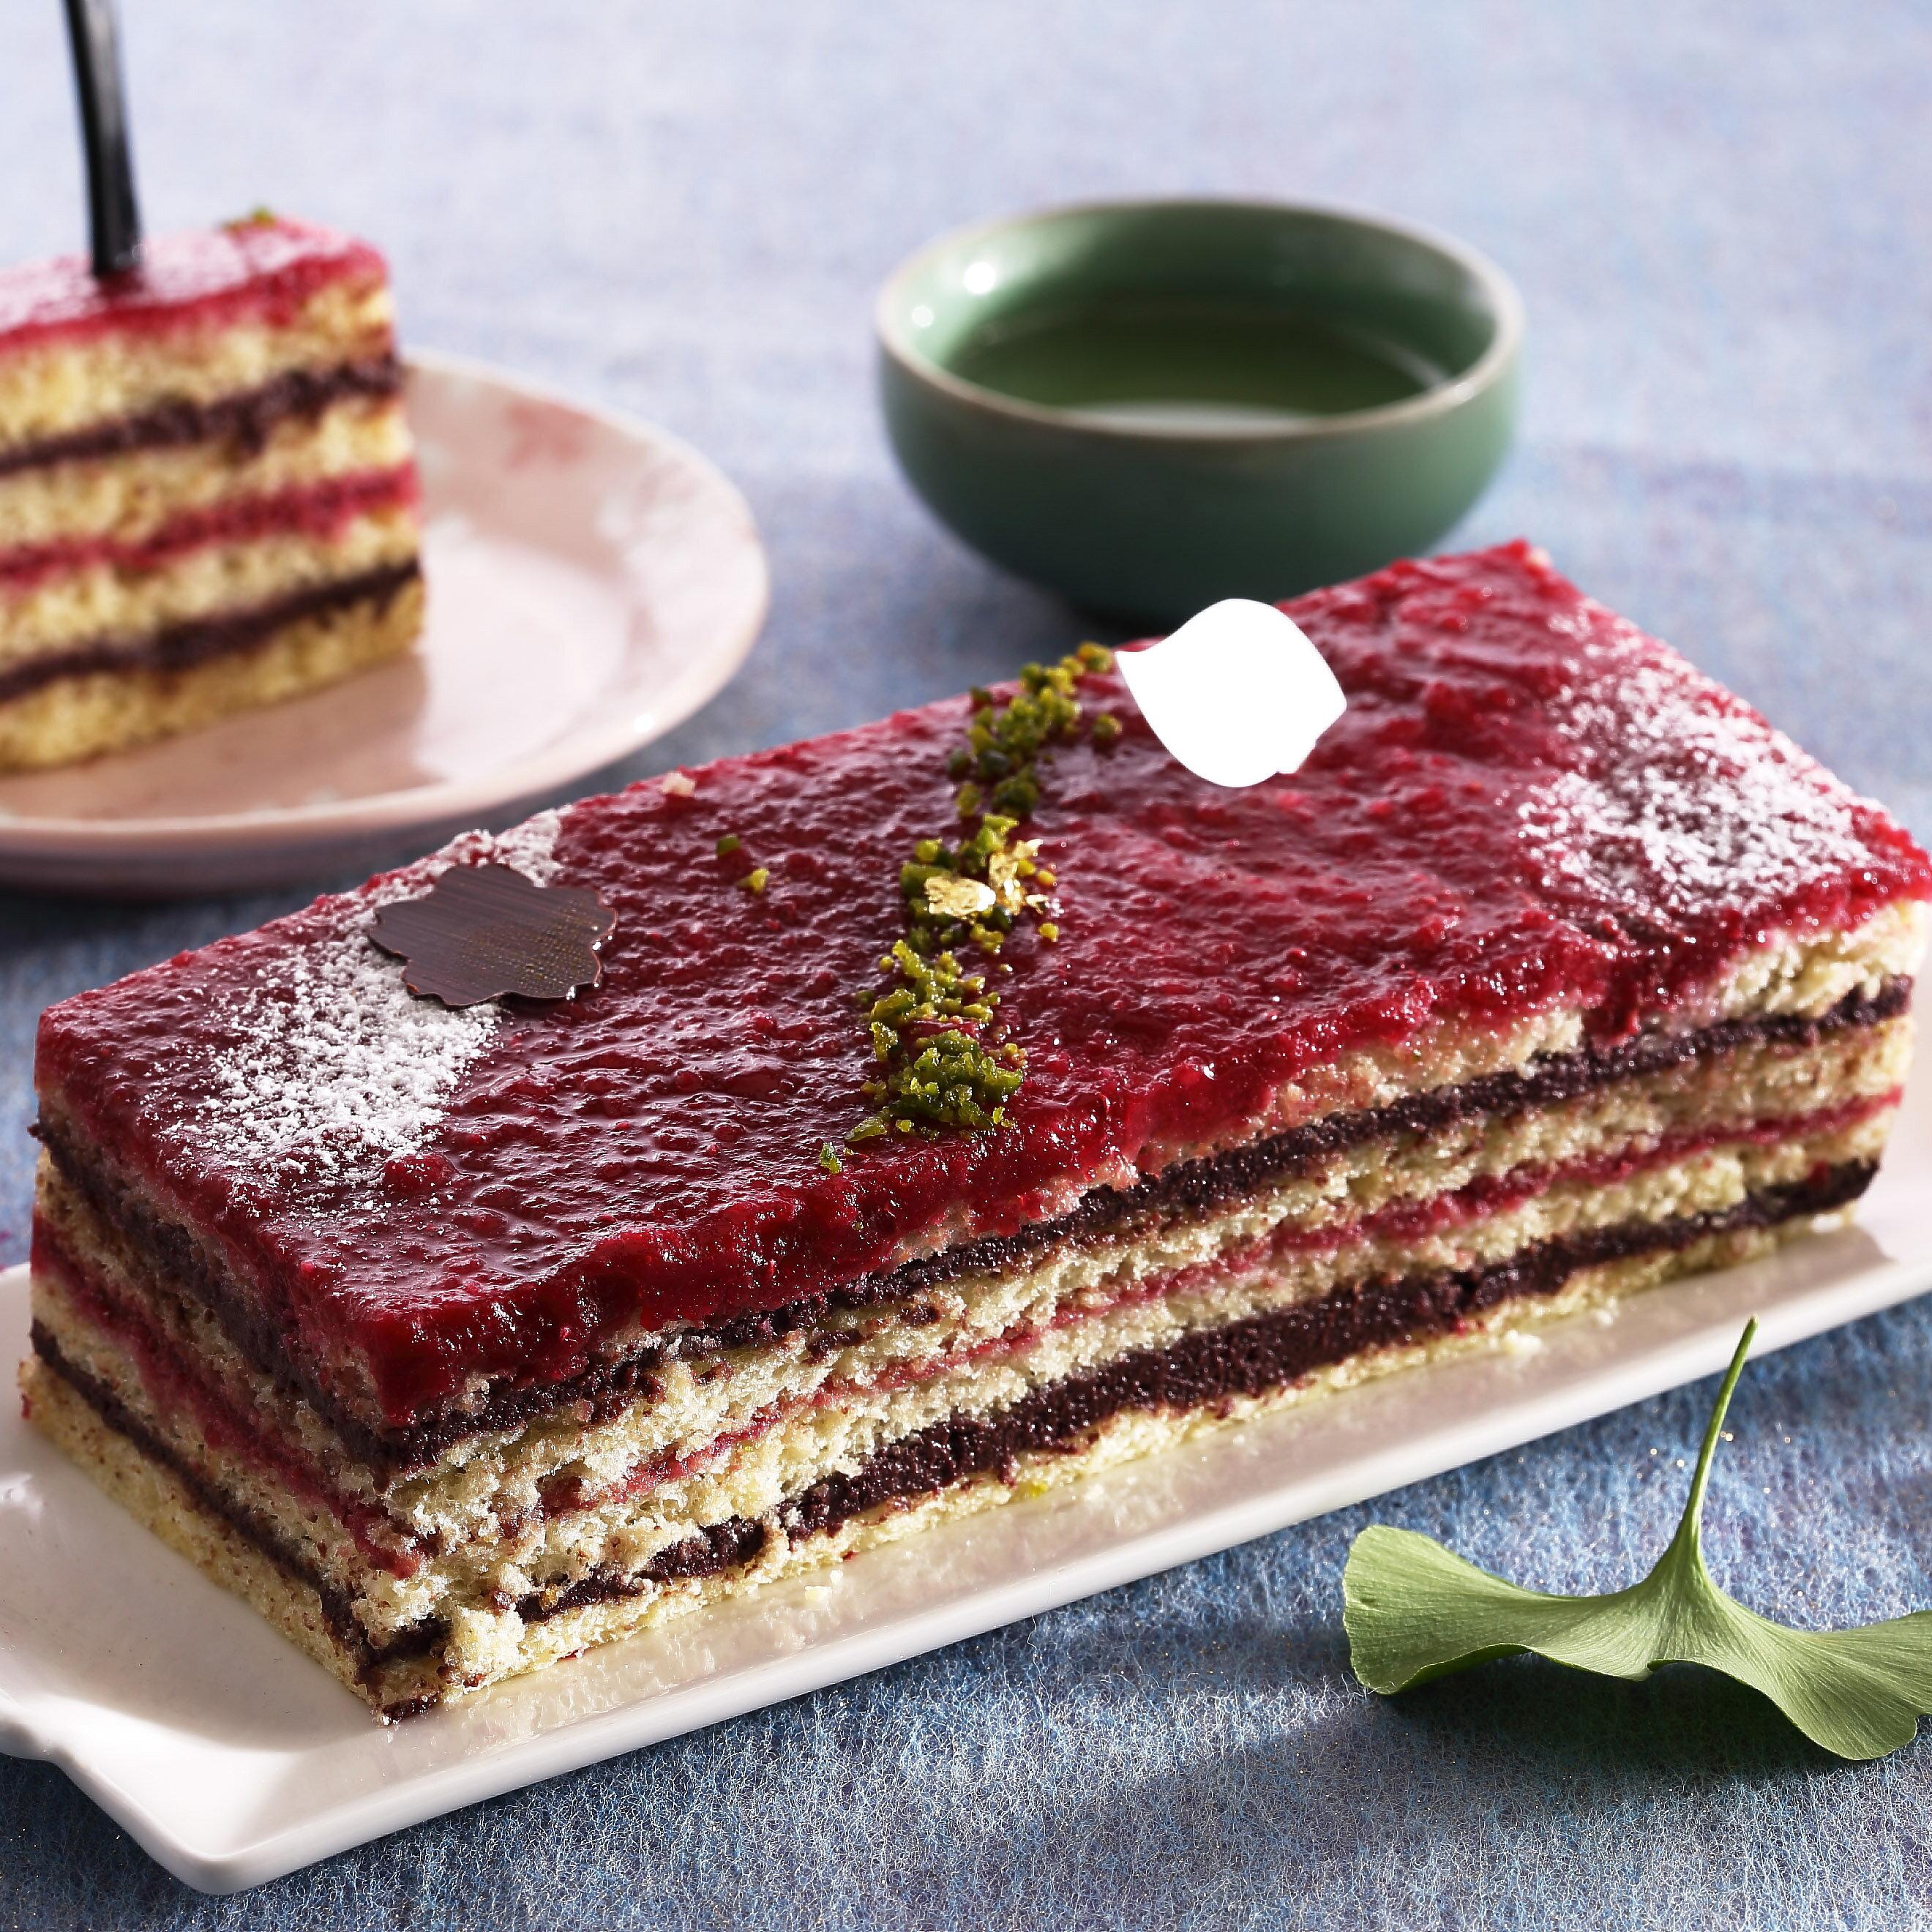 【七見櫻堂】八重京緋★黑醋栗蔓越莓蛋糕 - 長條禮盒★